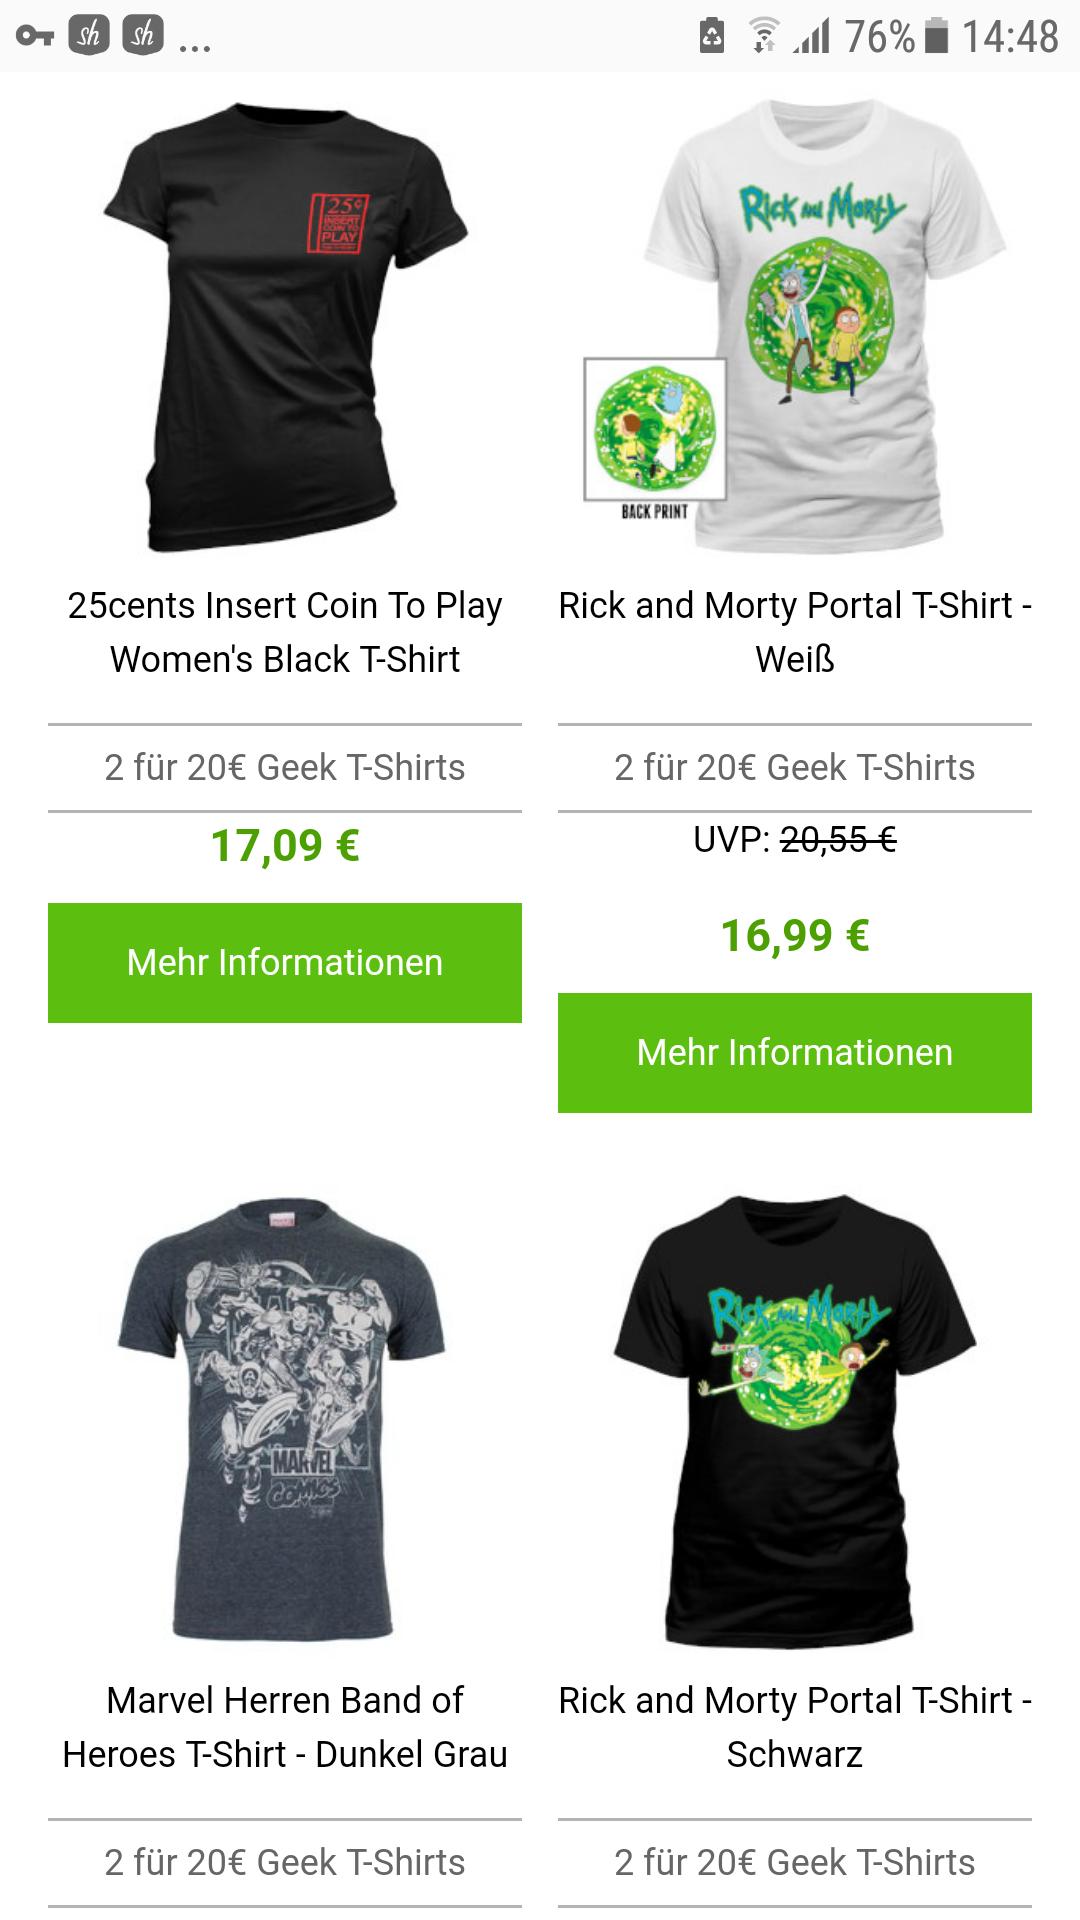 2 Merch Tshirts für 20€ inkl versand auswahl aus über 1300 Tshirts z.B Rick and Morty,dc und co